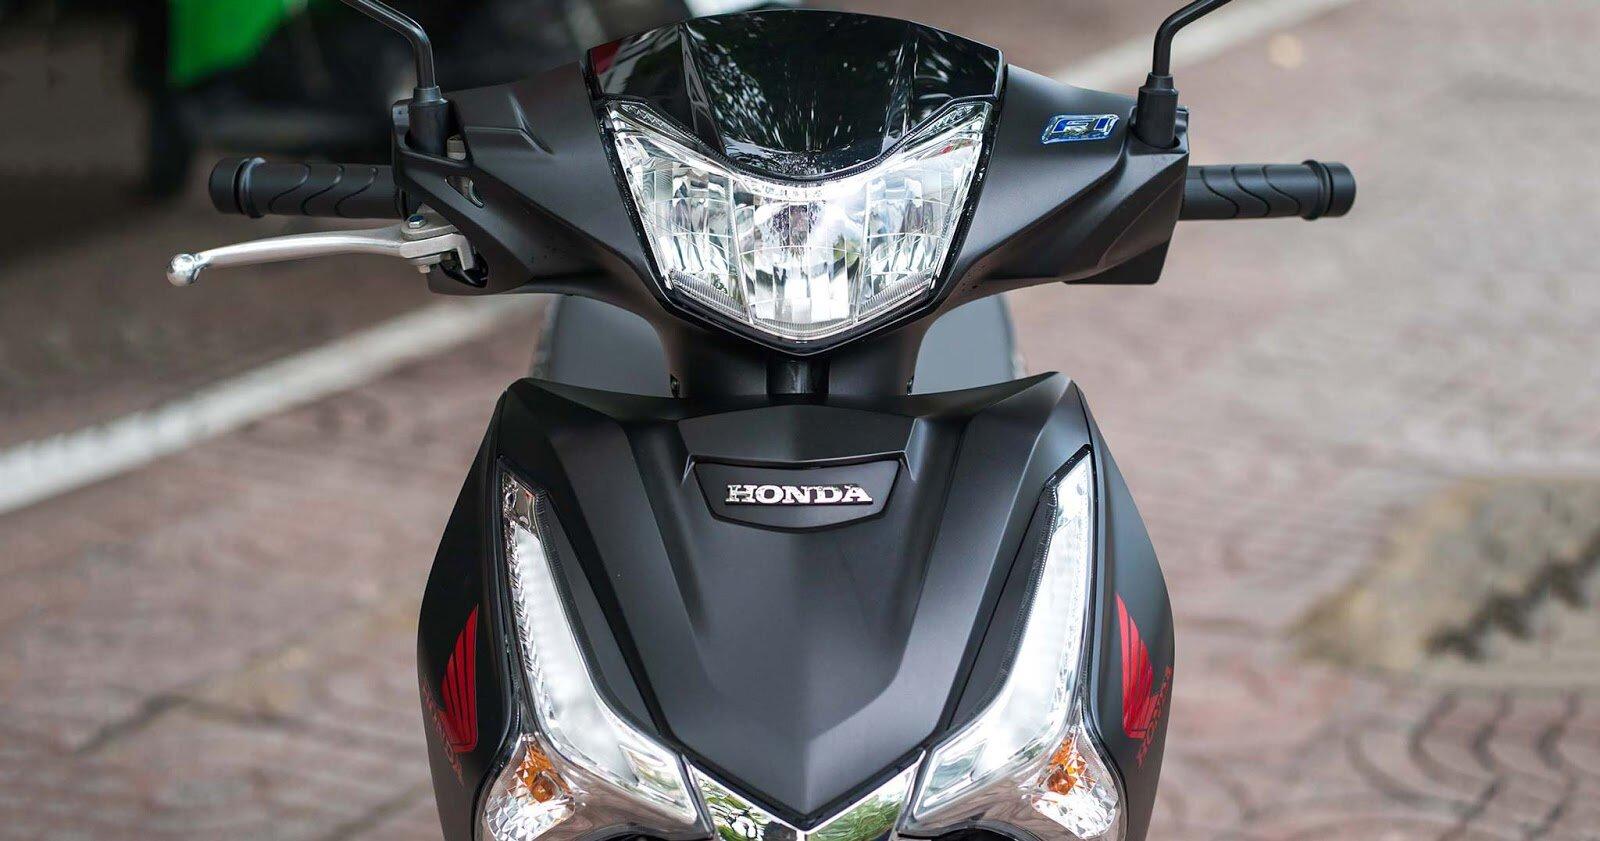 Honda Future 2019 phiên bản cao cấp phanh đĩa, vành đúc đen đỏ phóng khoáng.